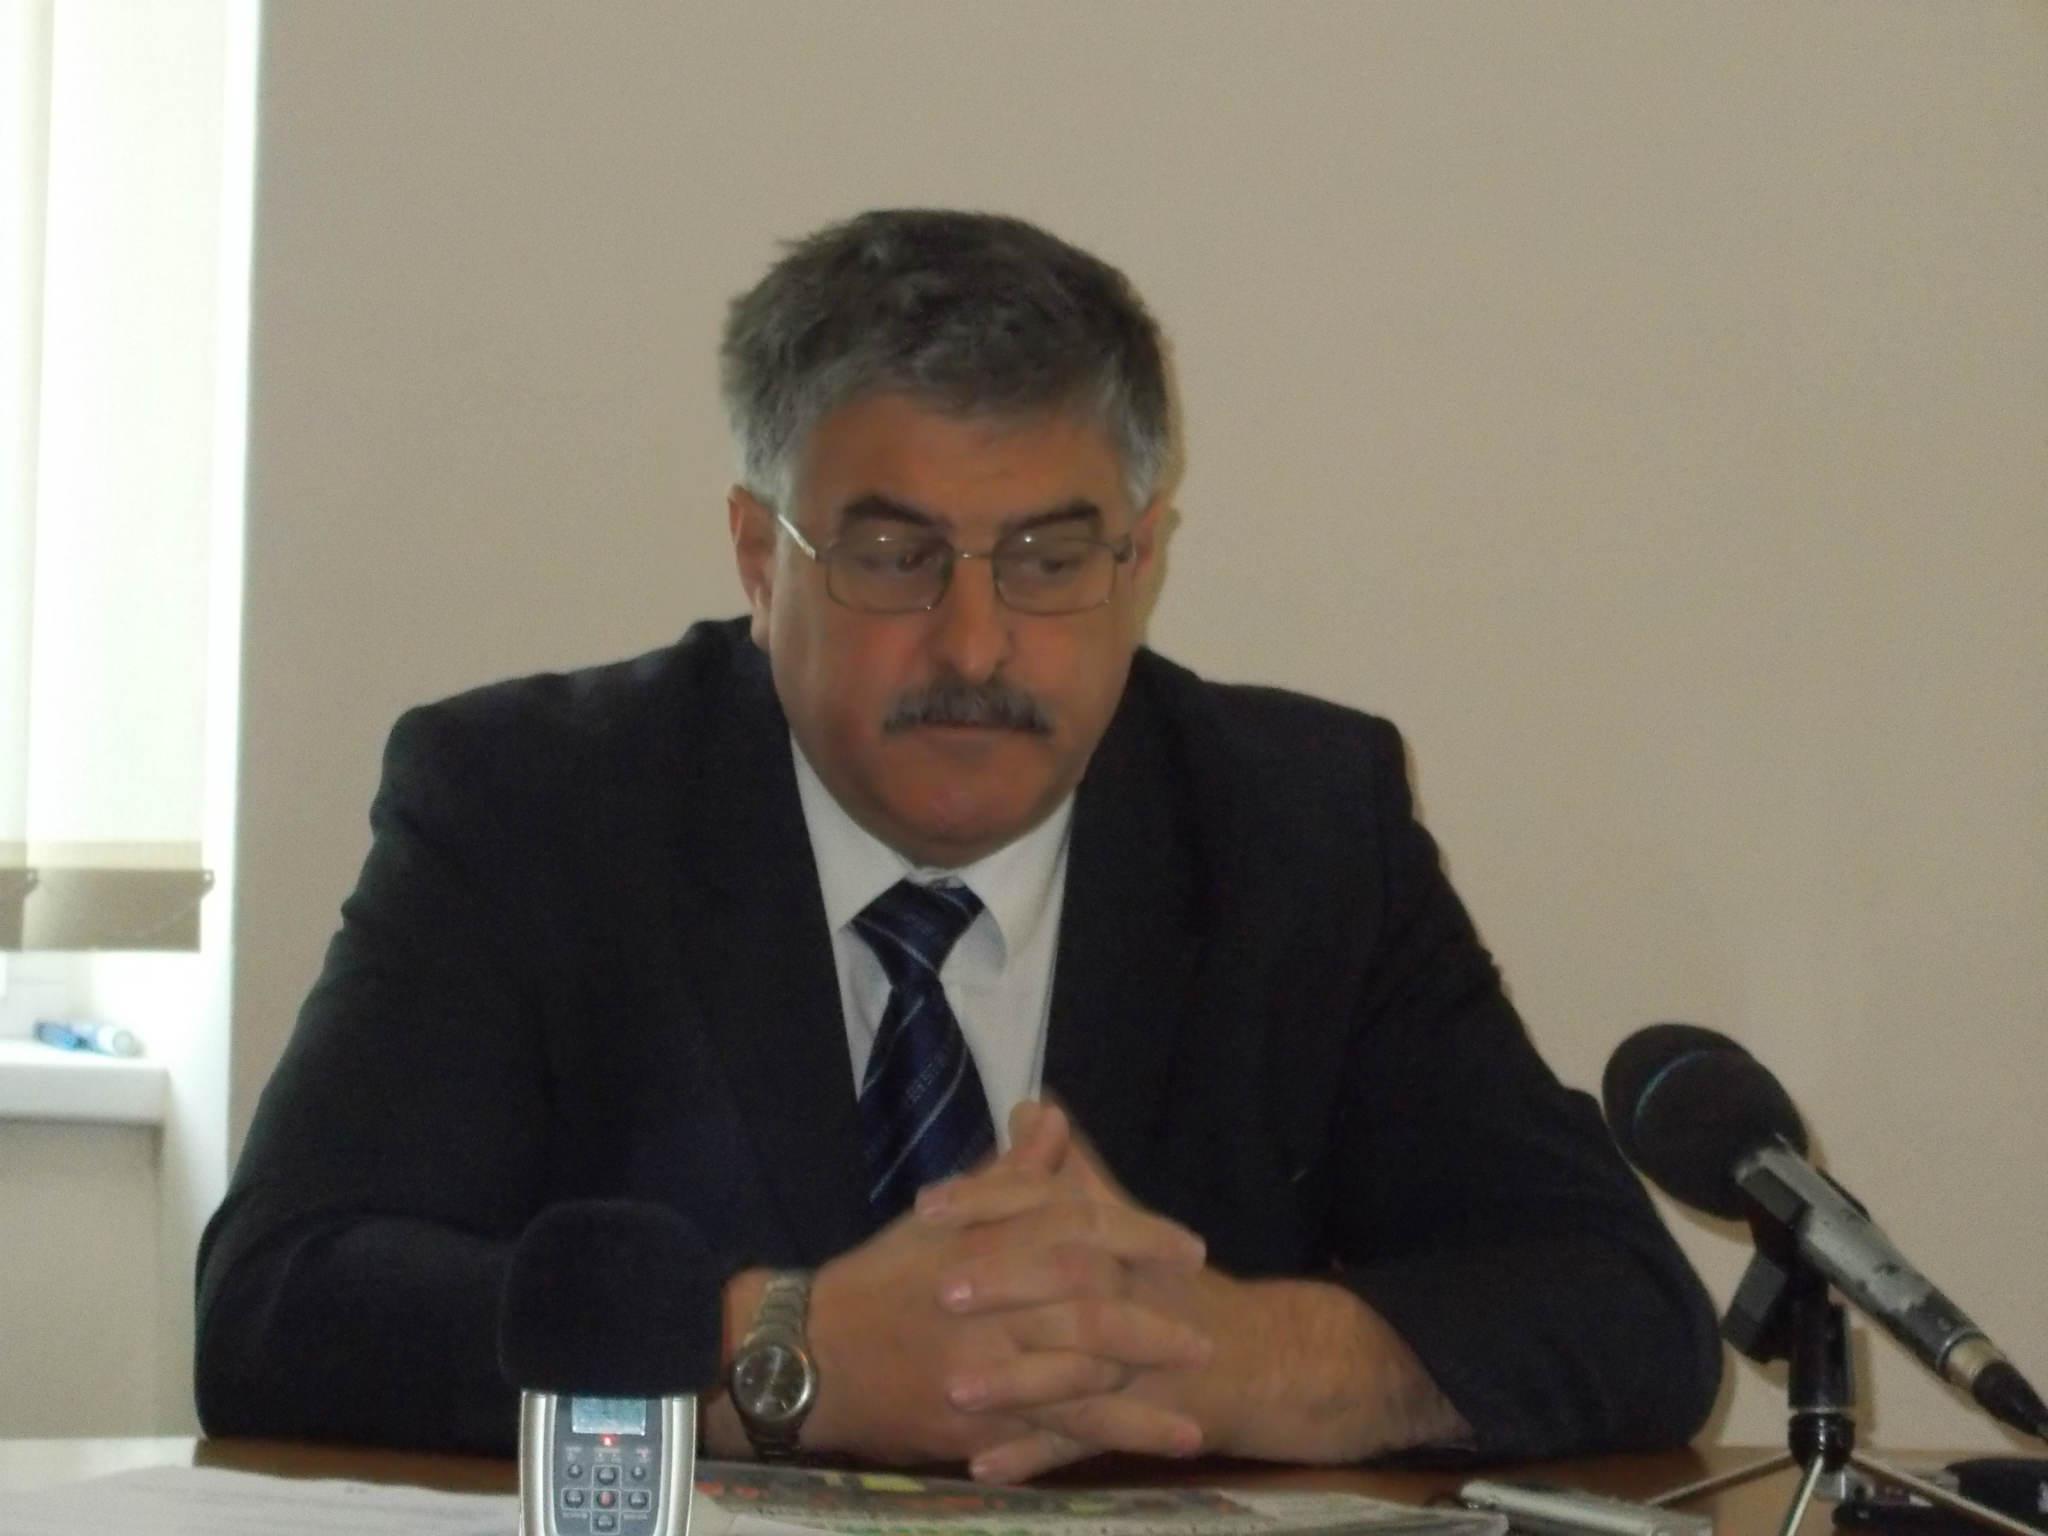 Gre za  populizem in zavajanje javnosti (župan Alojz Sok se je s tiskovno konferenco odzval na izjave Društva Forum Ormož in poročanje Štajerska tednika)